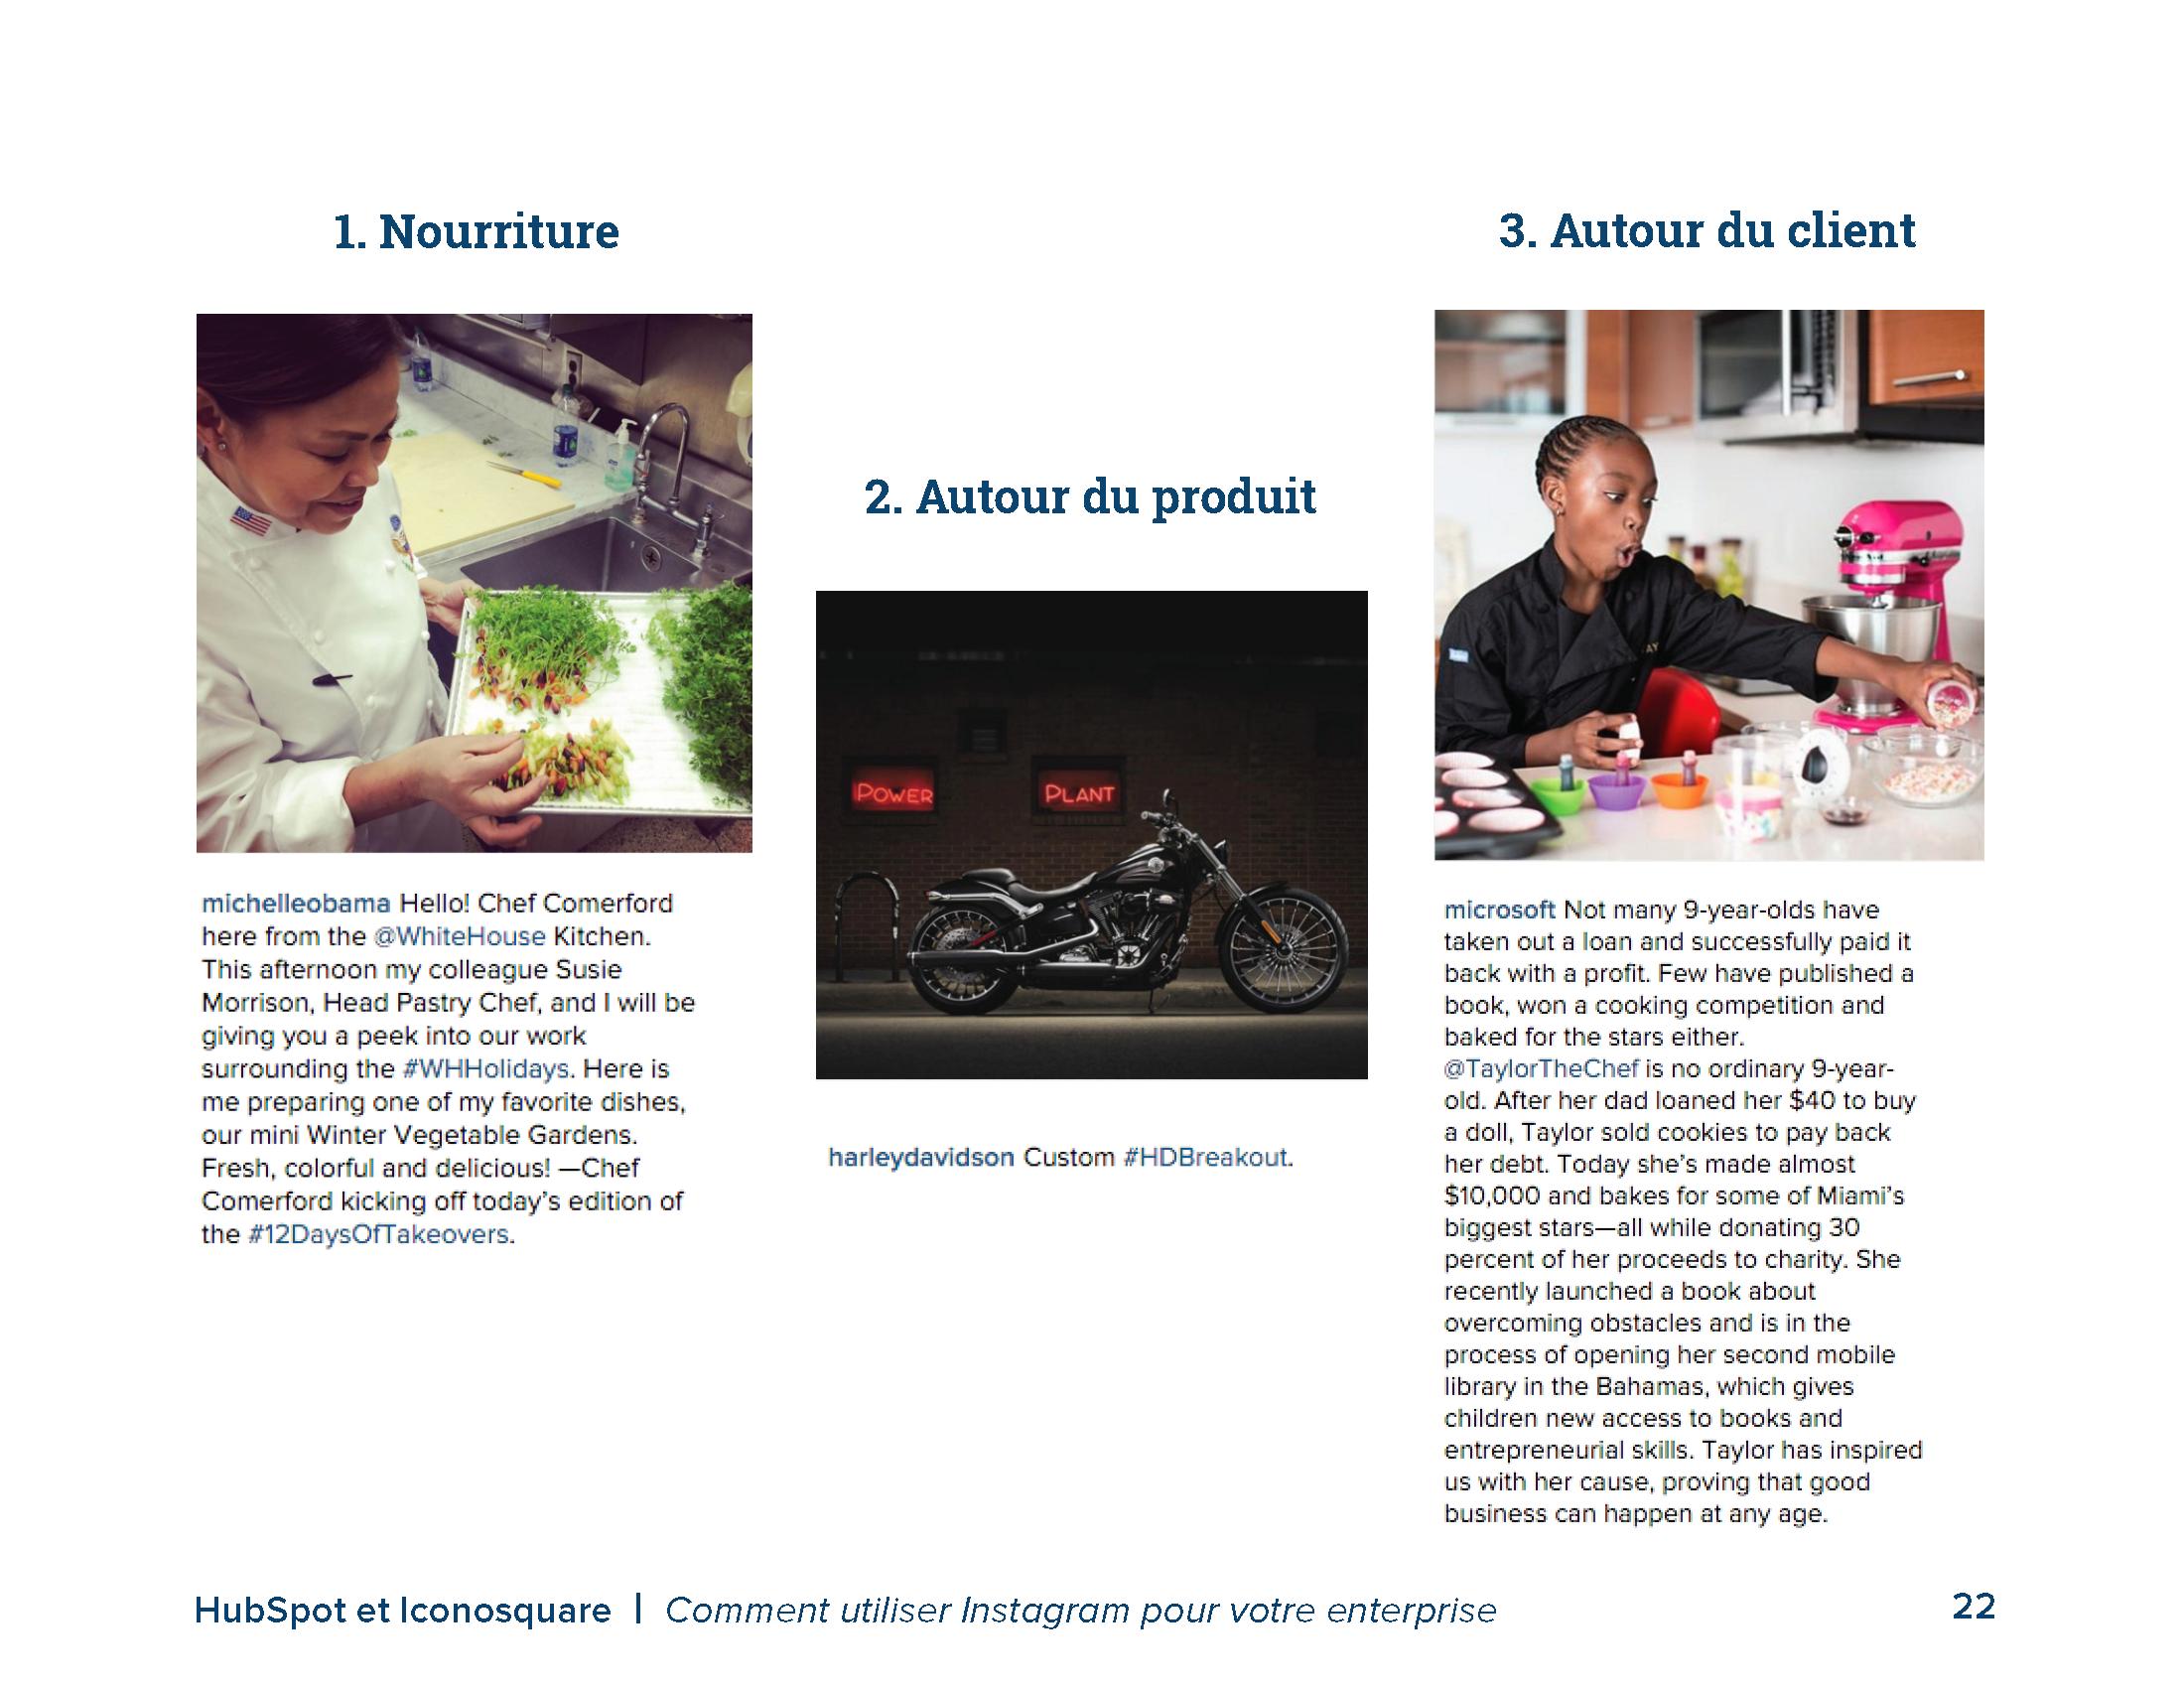 COMMENT UTILISER INSTAGRAM POUR VOTRE ENTREPRISE - preview slide 3